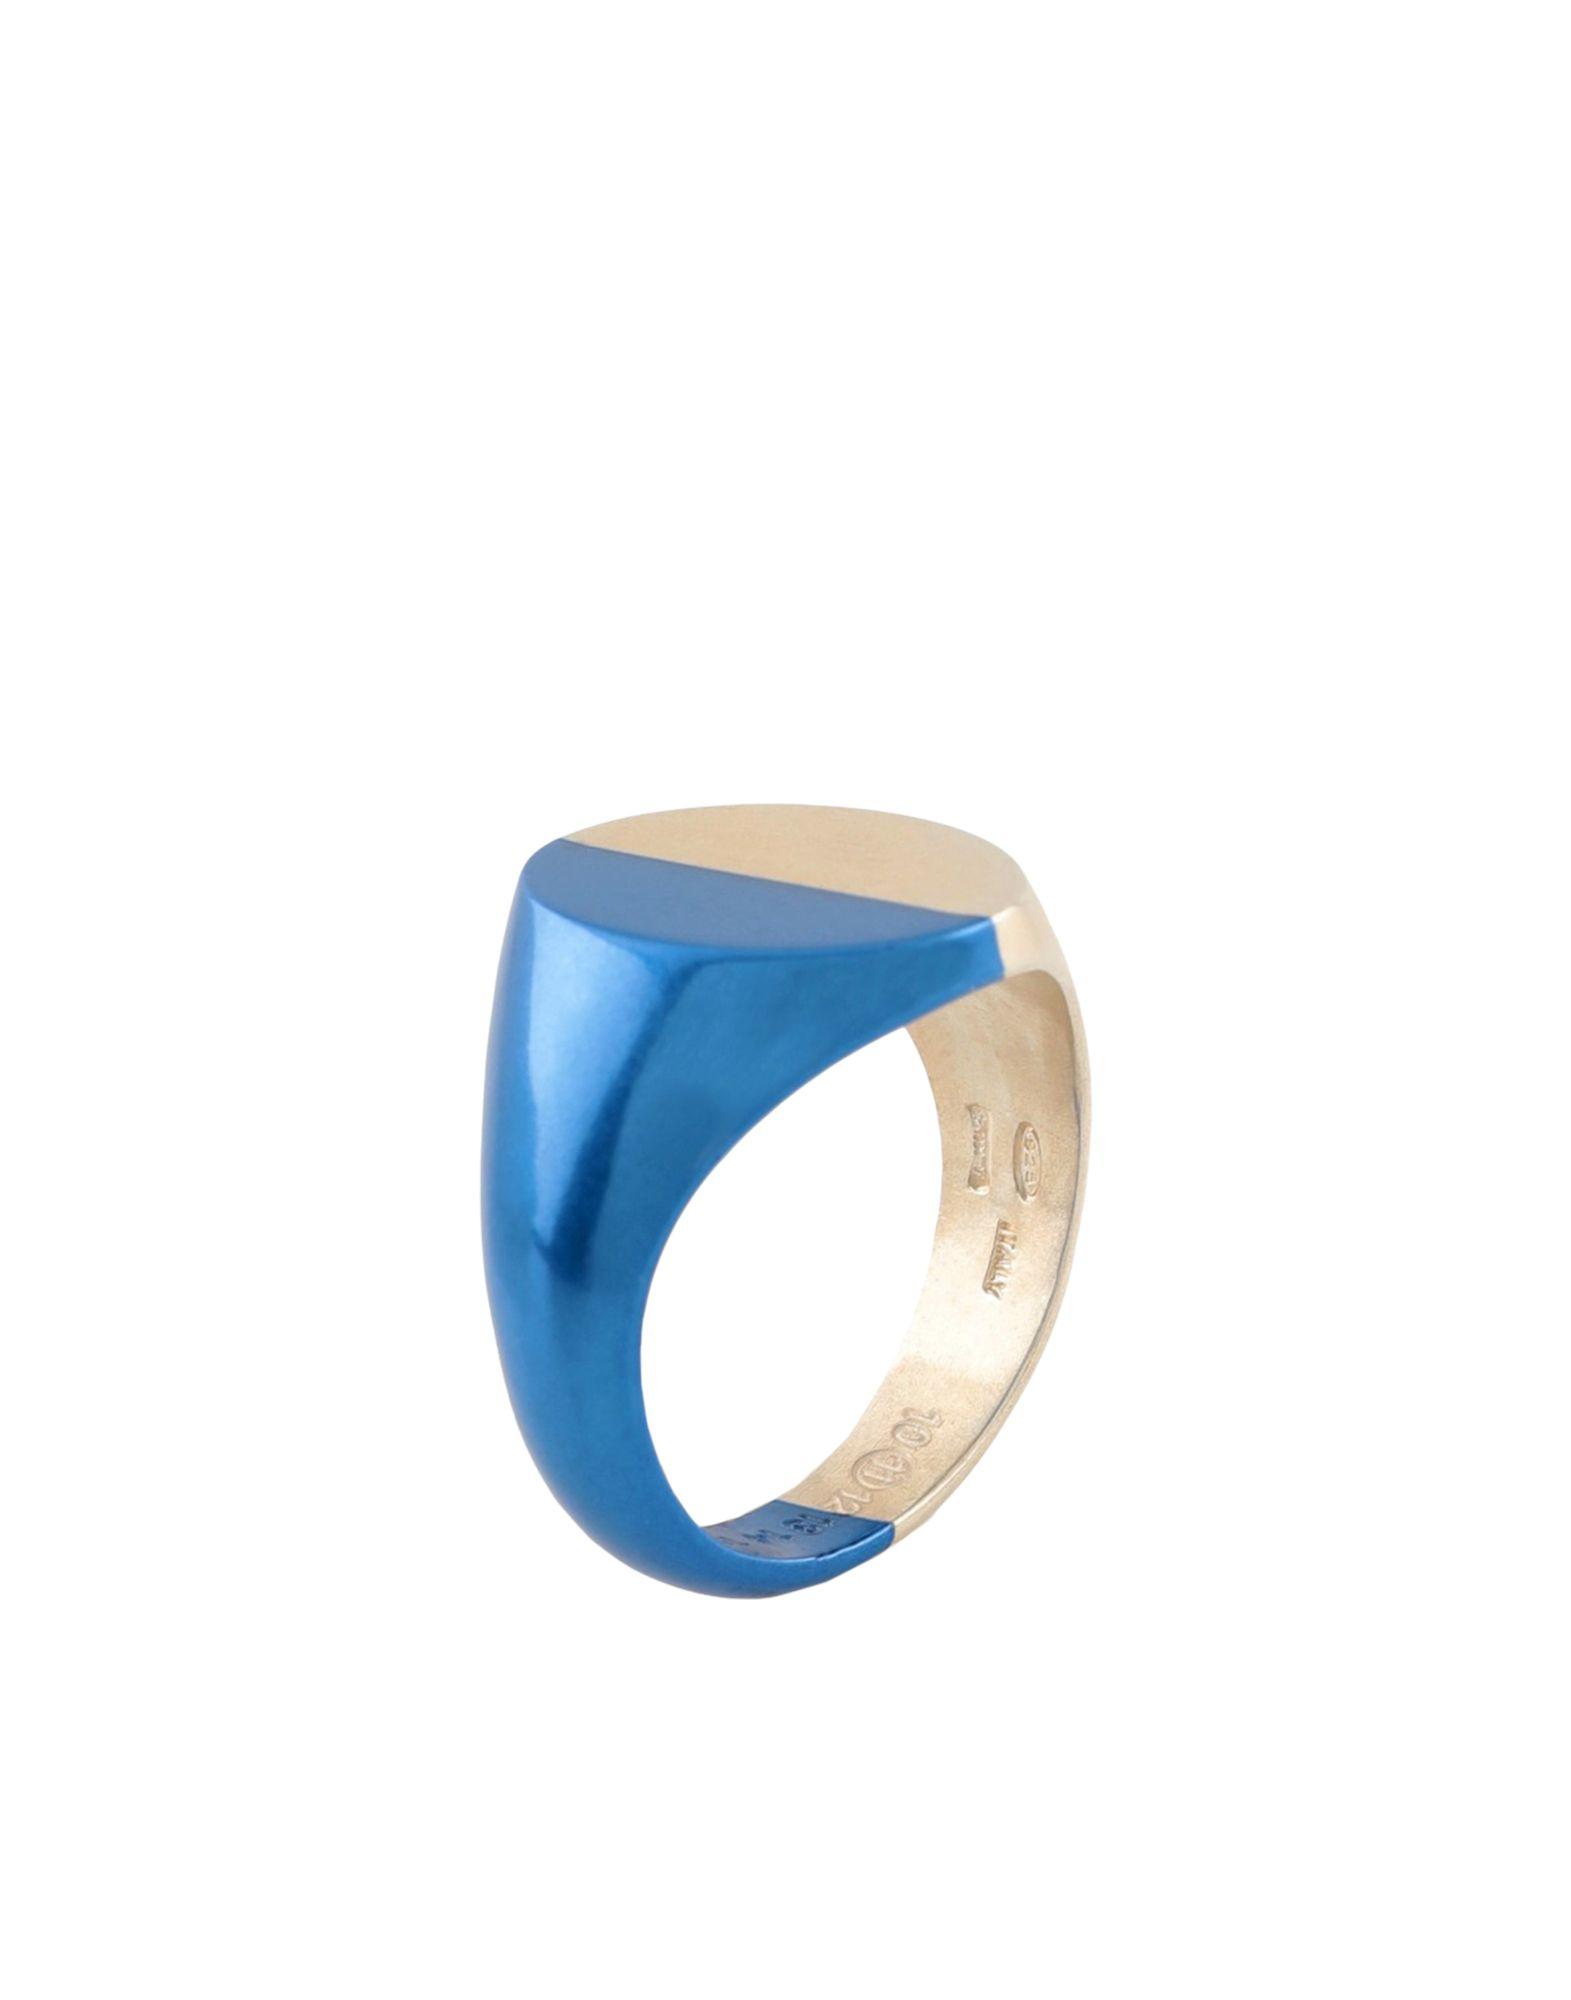 《セール開催中》MAISON MARGIELA メンズ 指輪 ブルー M シルバー925/1000 100%